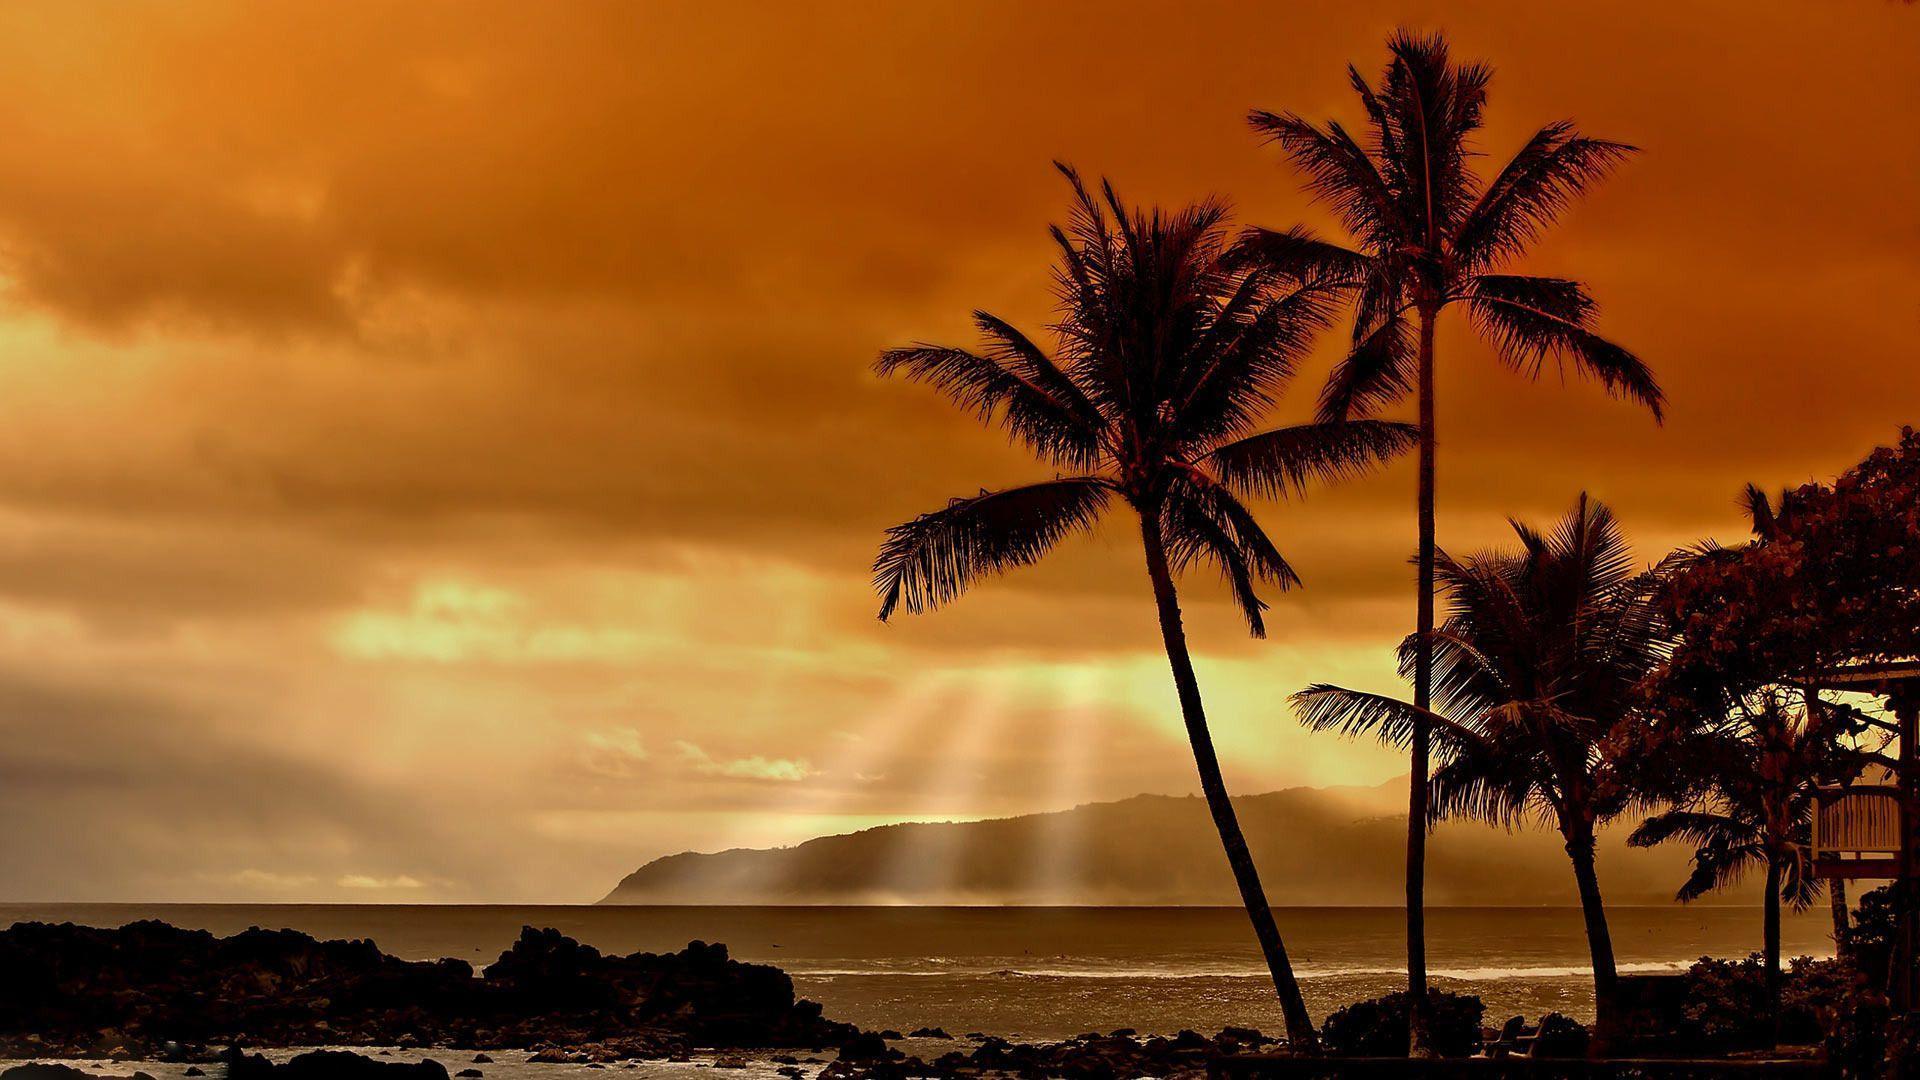 Hawaii Sunset Wallpaper - WallpaperSafari